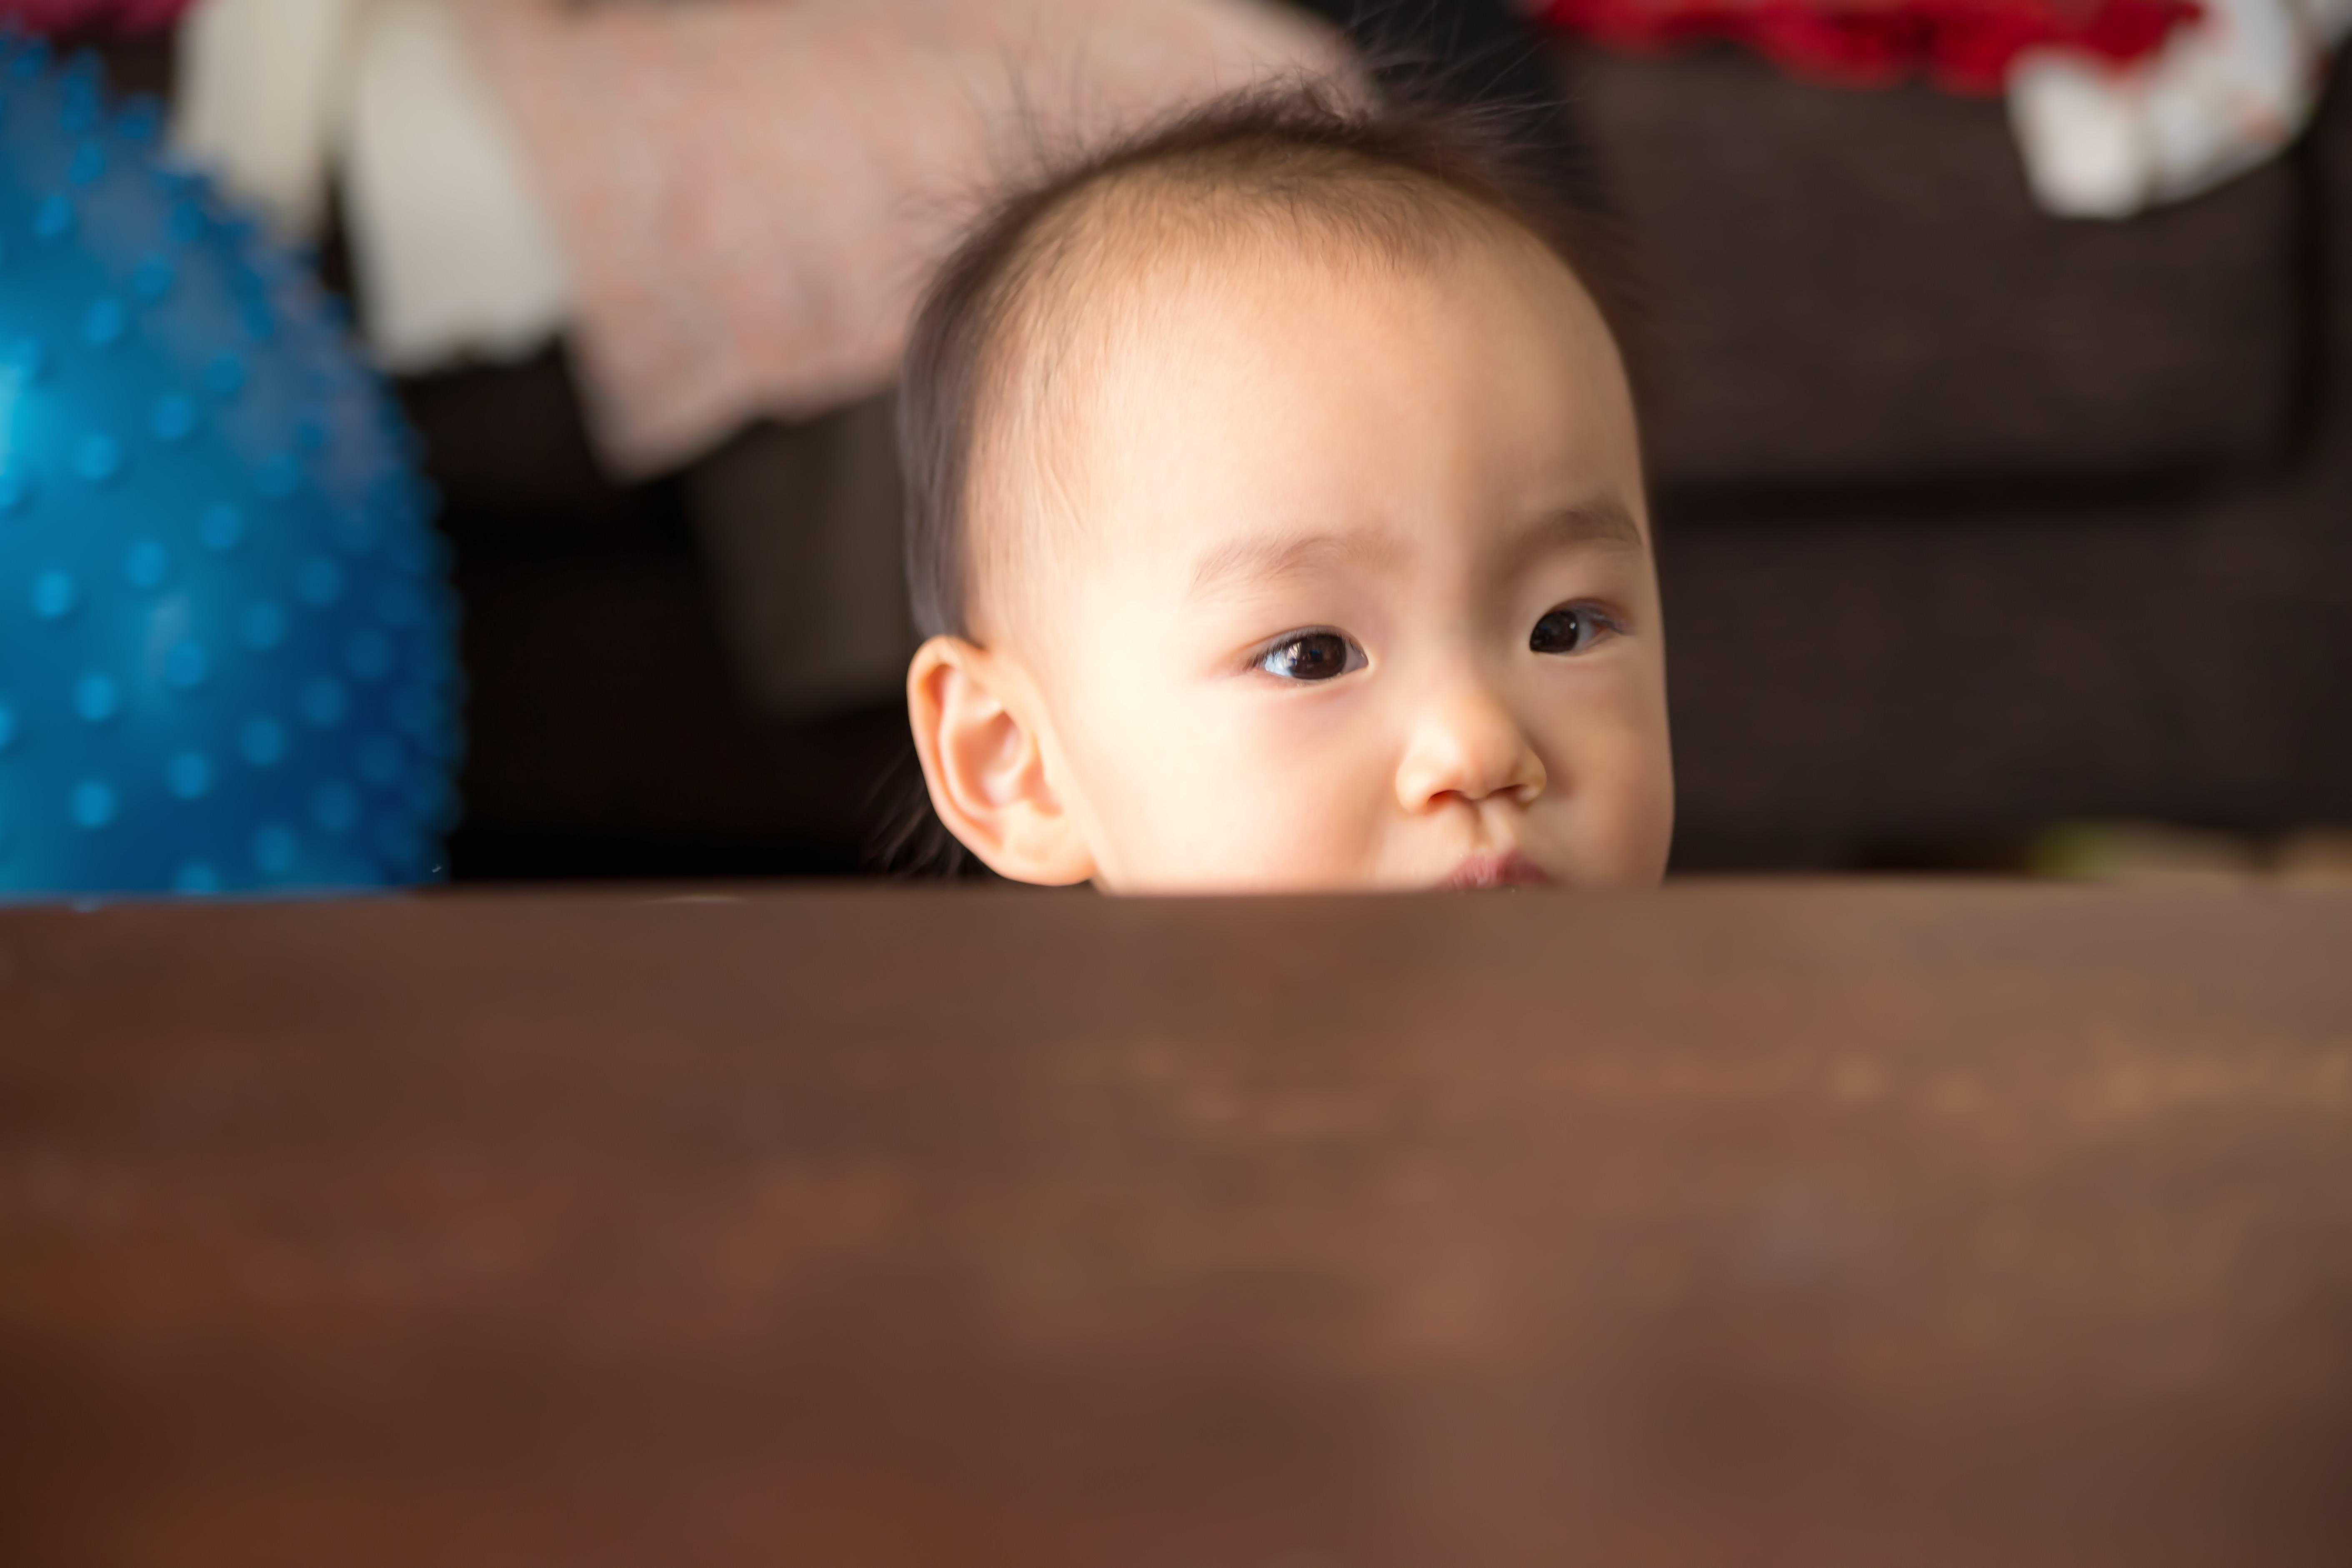 赤ちゃんが頭をかく原因と対策は?アトピーの可能性があるので要チェック!